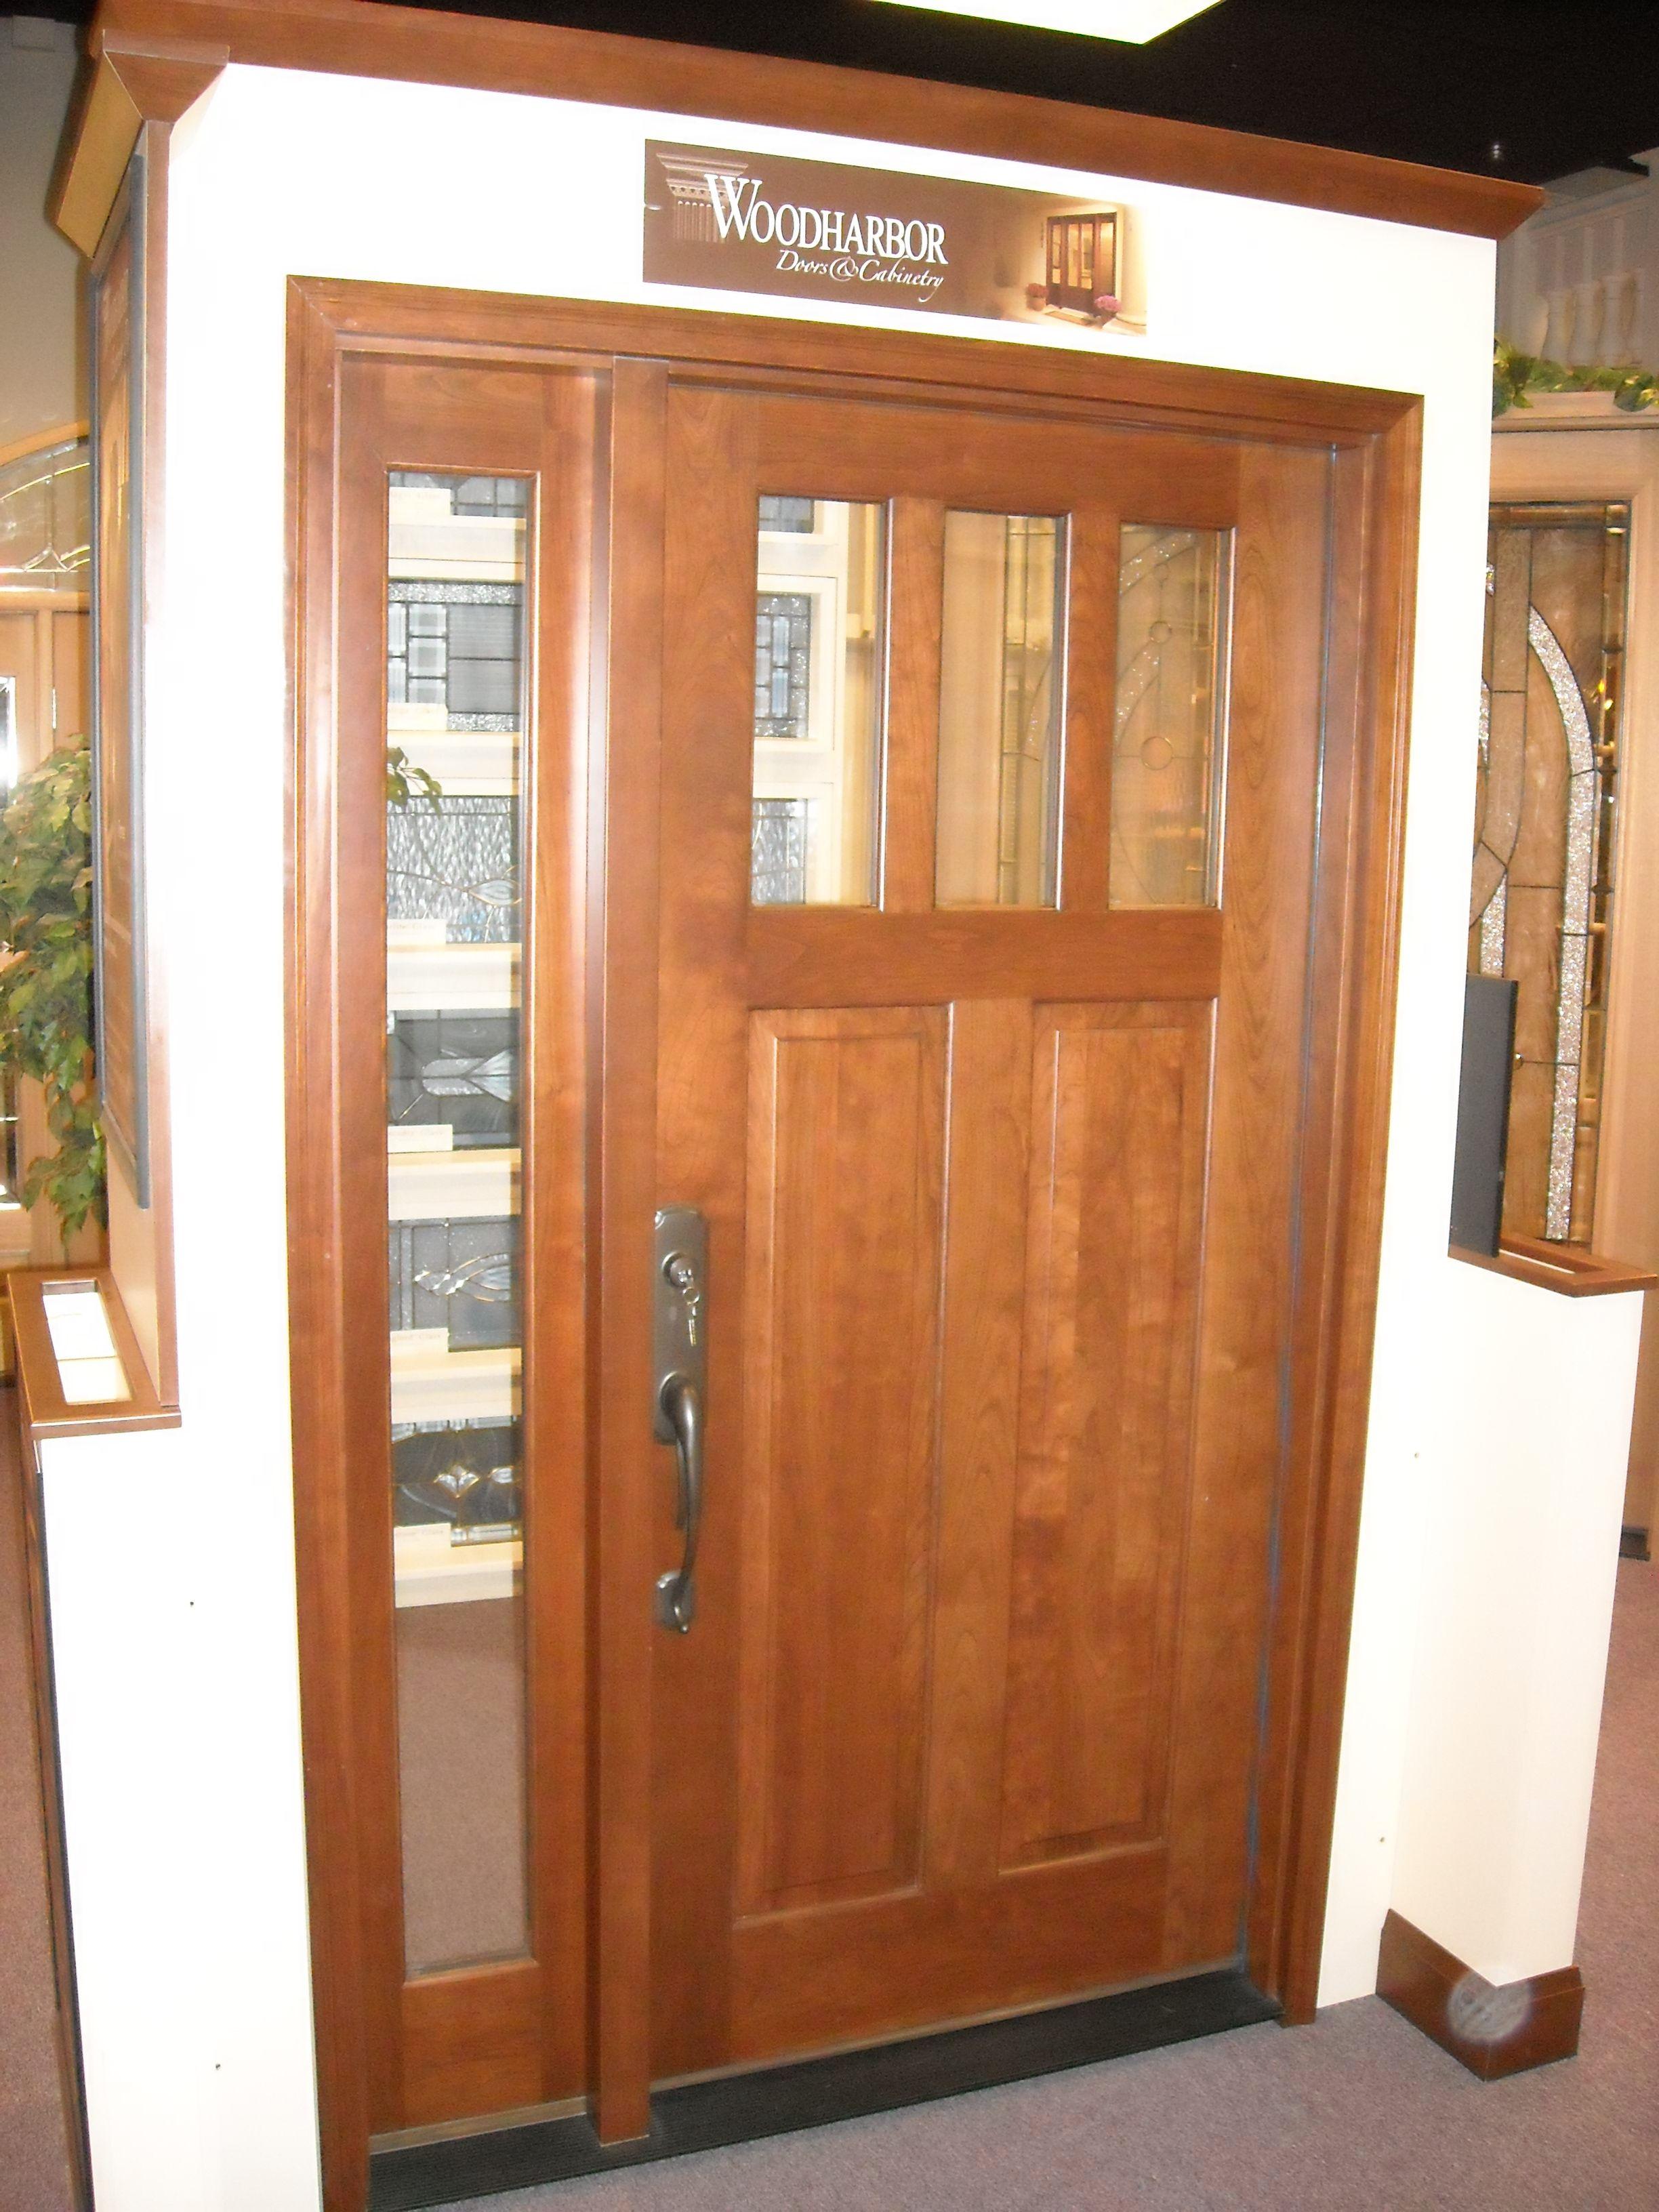 Merveilleux Woodharbor Cherry Entry Door Display At Southeastern Door U0026 Window Biloxi,  MS